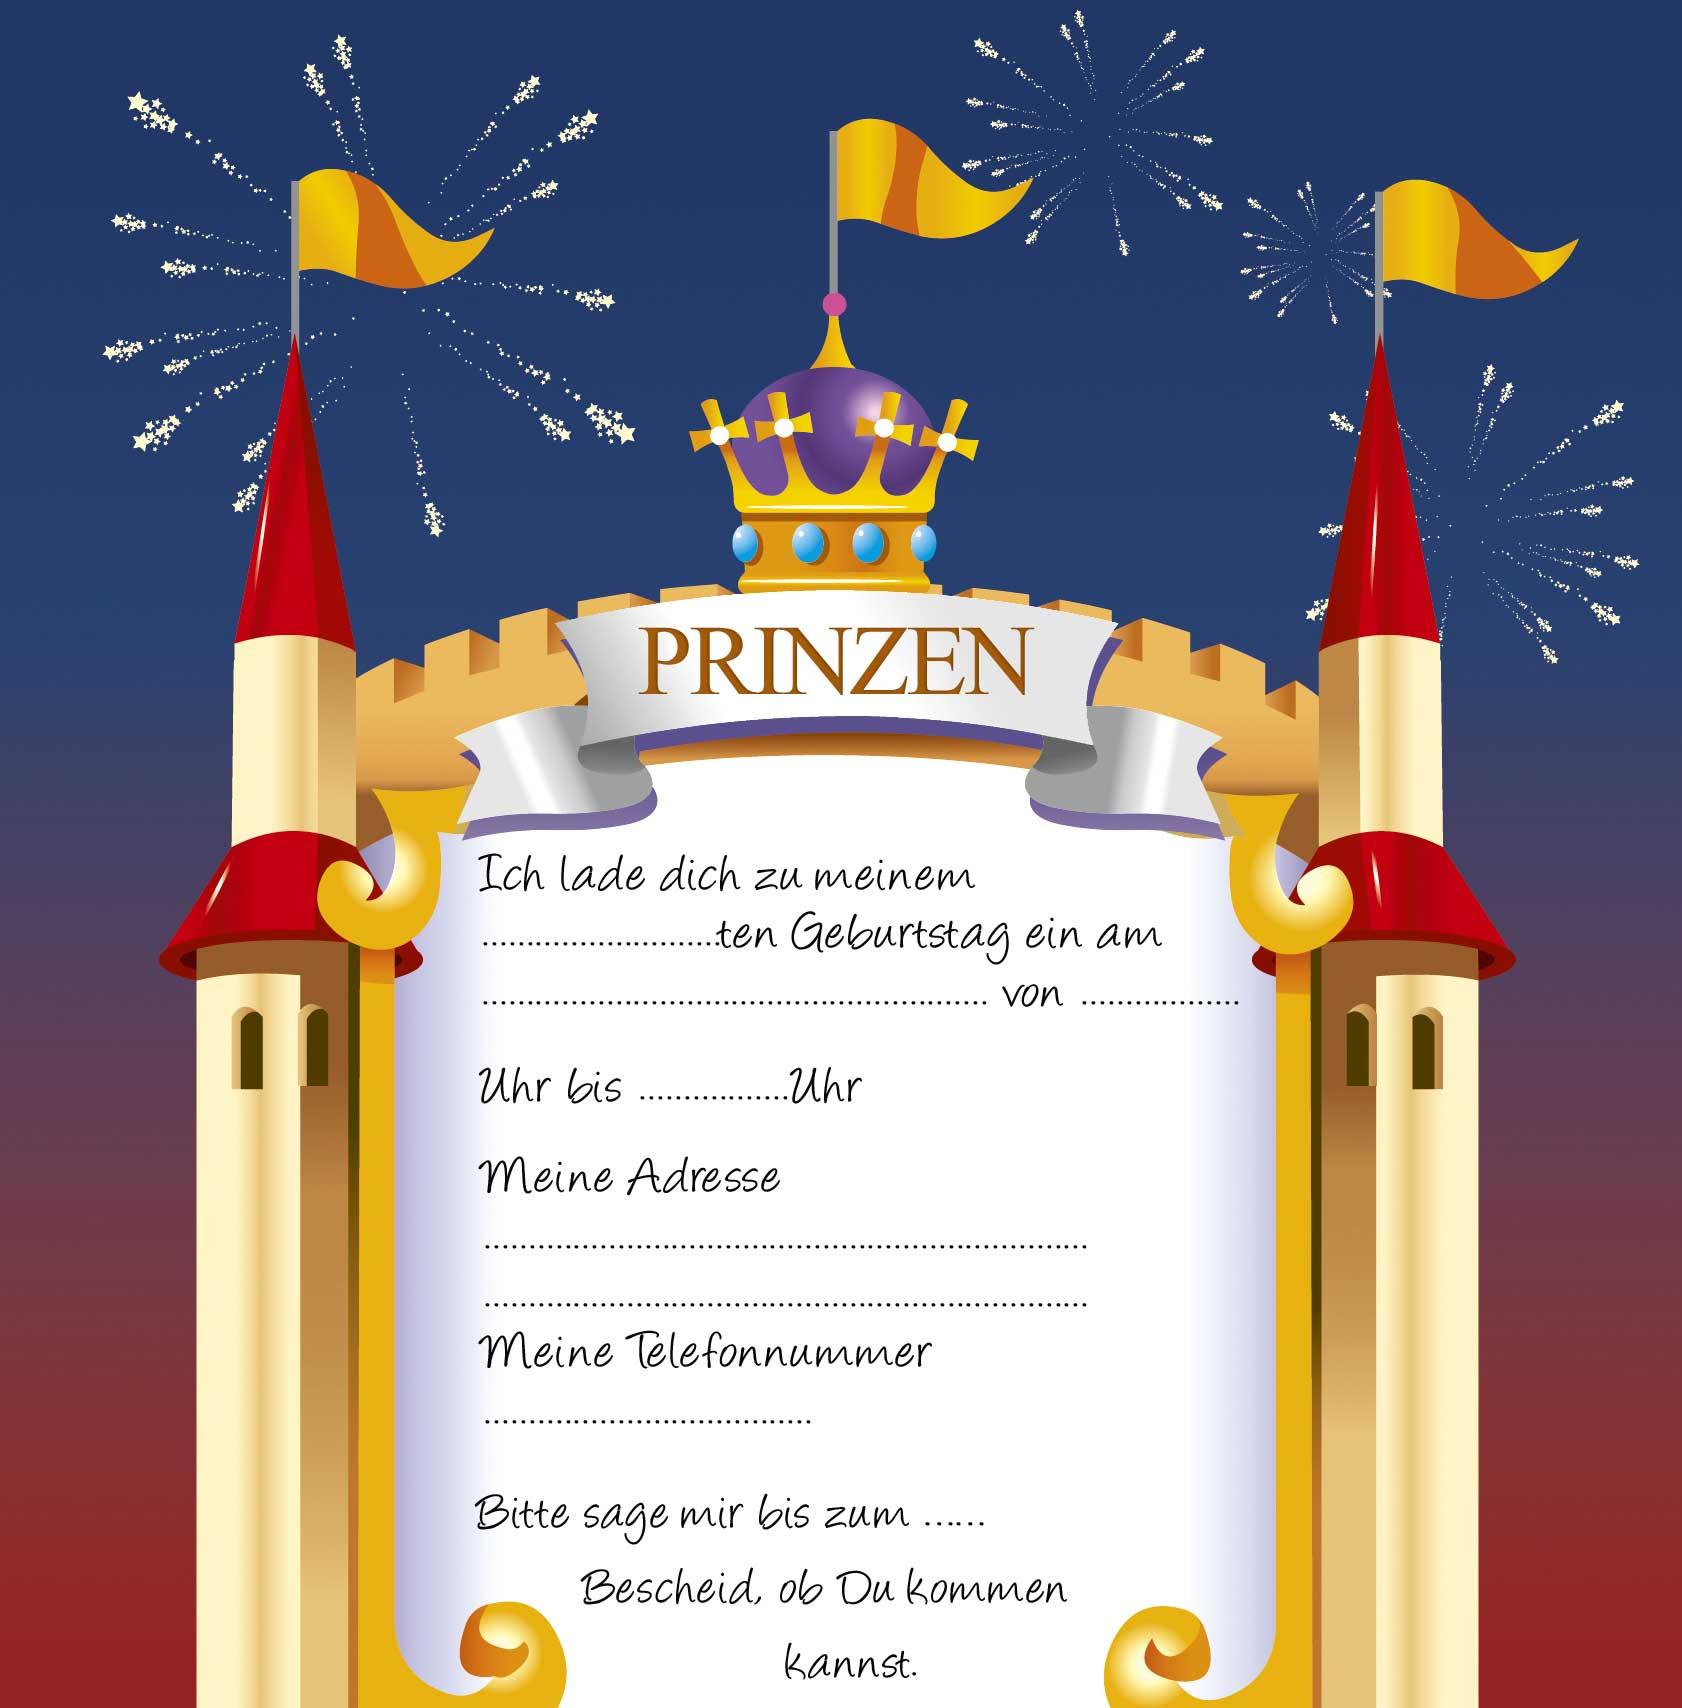 Einladung Prinzessin · Einladung Prinz. U003e